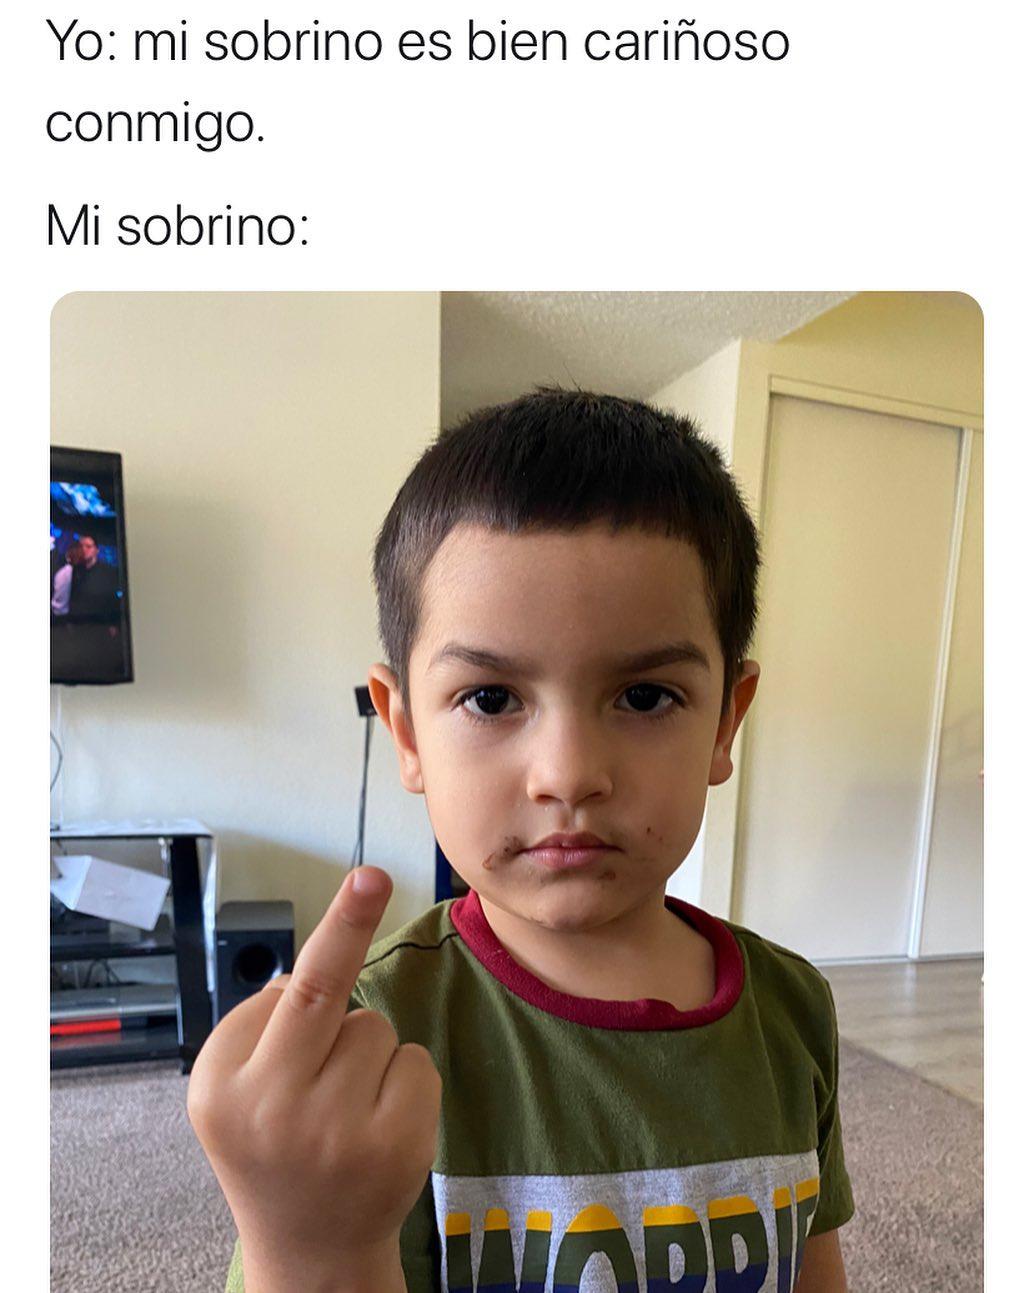 Yo: Mi sobrino es bien cariñoso conmigo.  Mi sobrino: